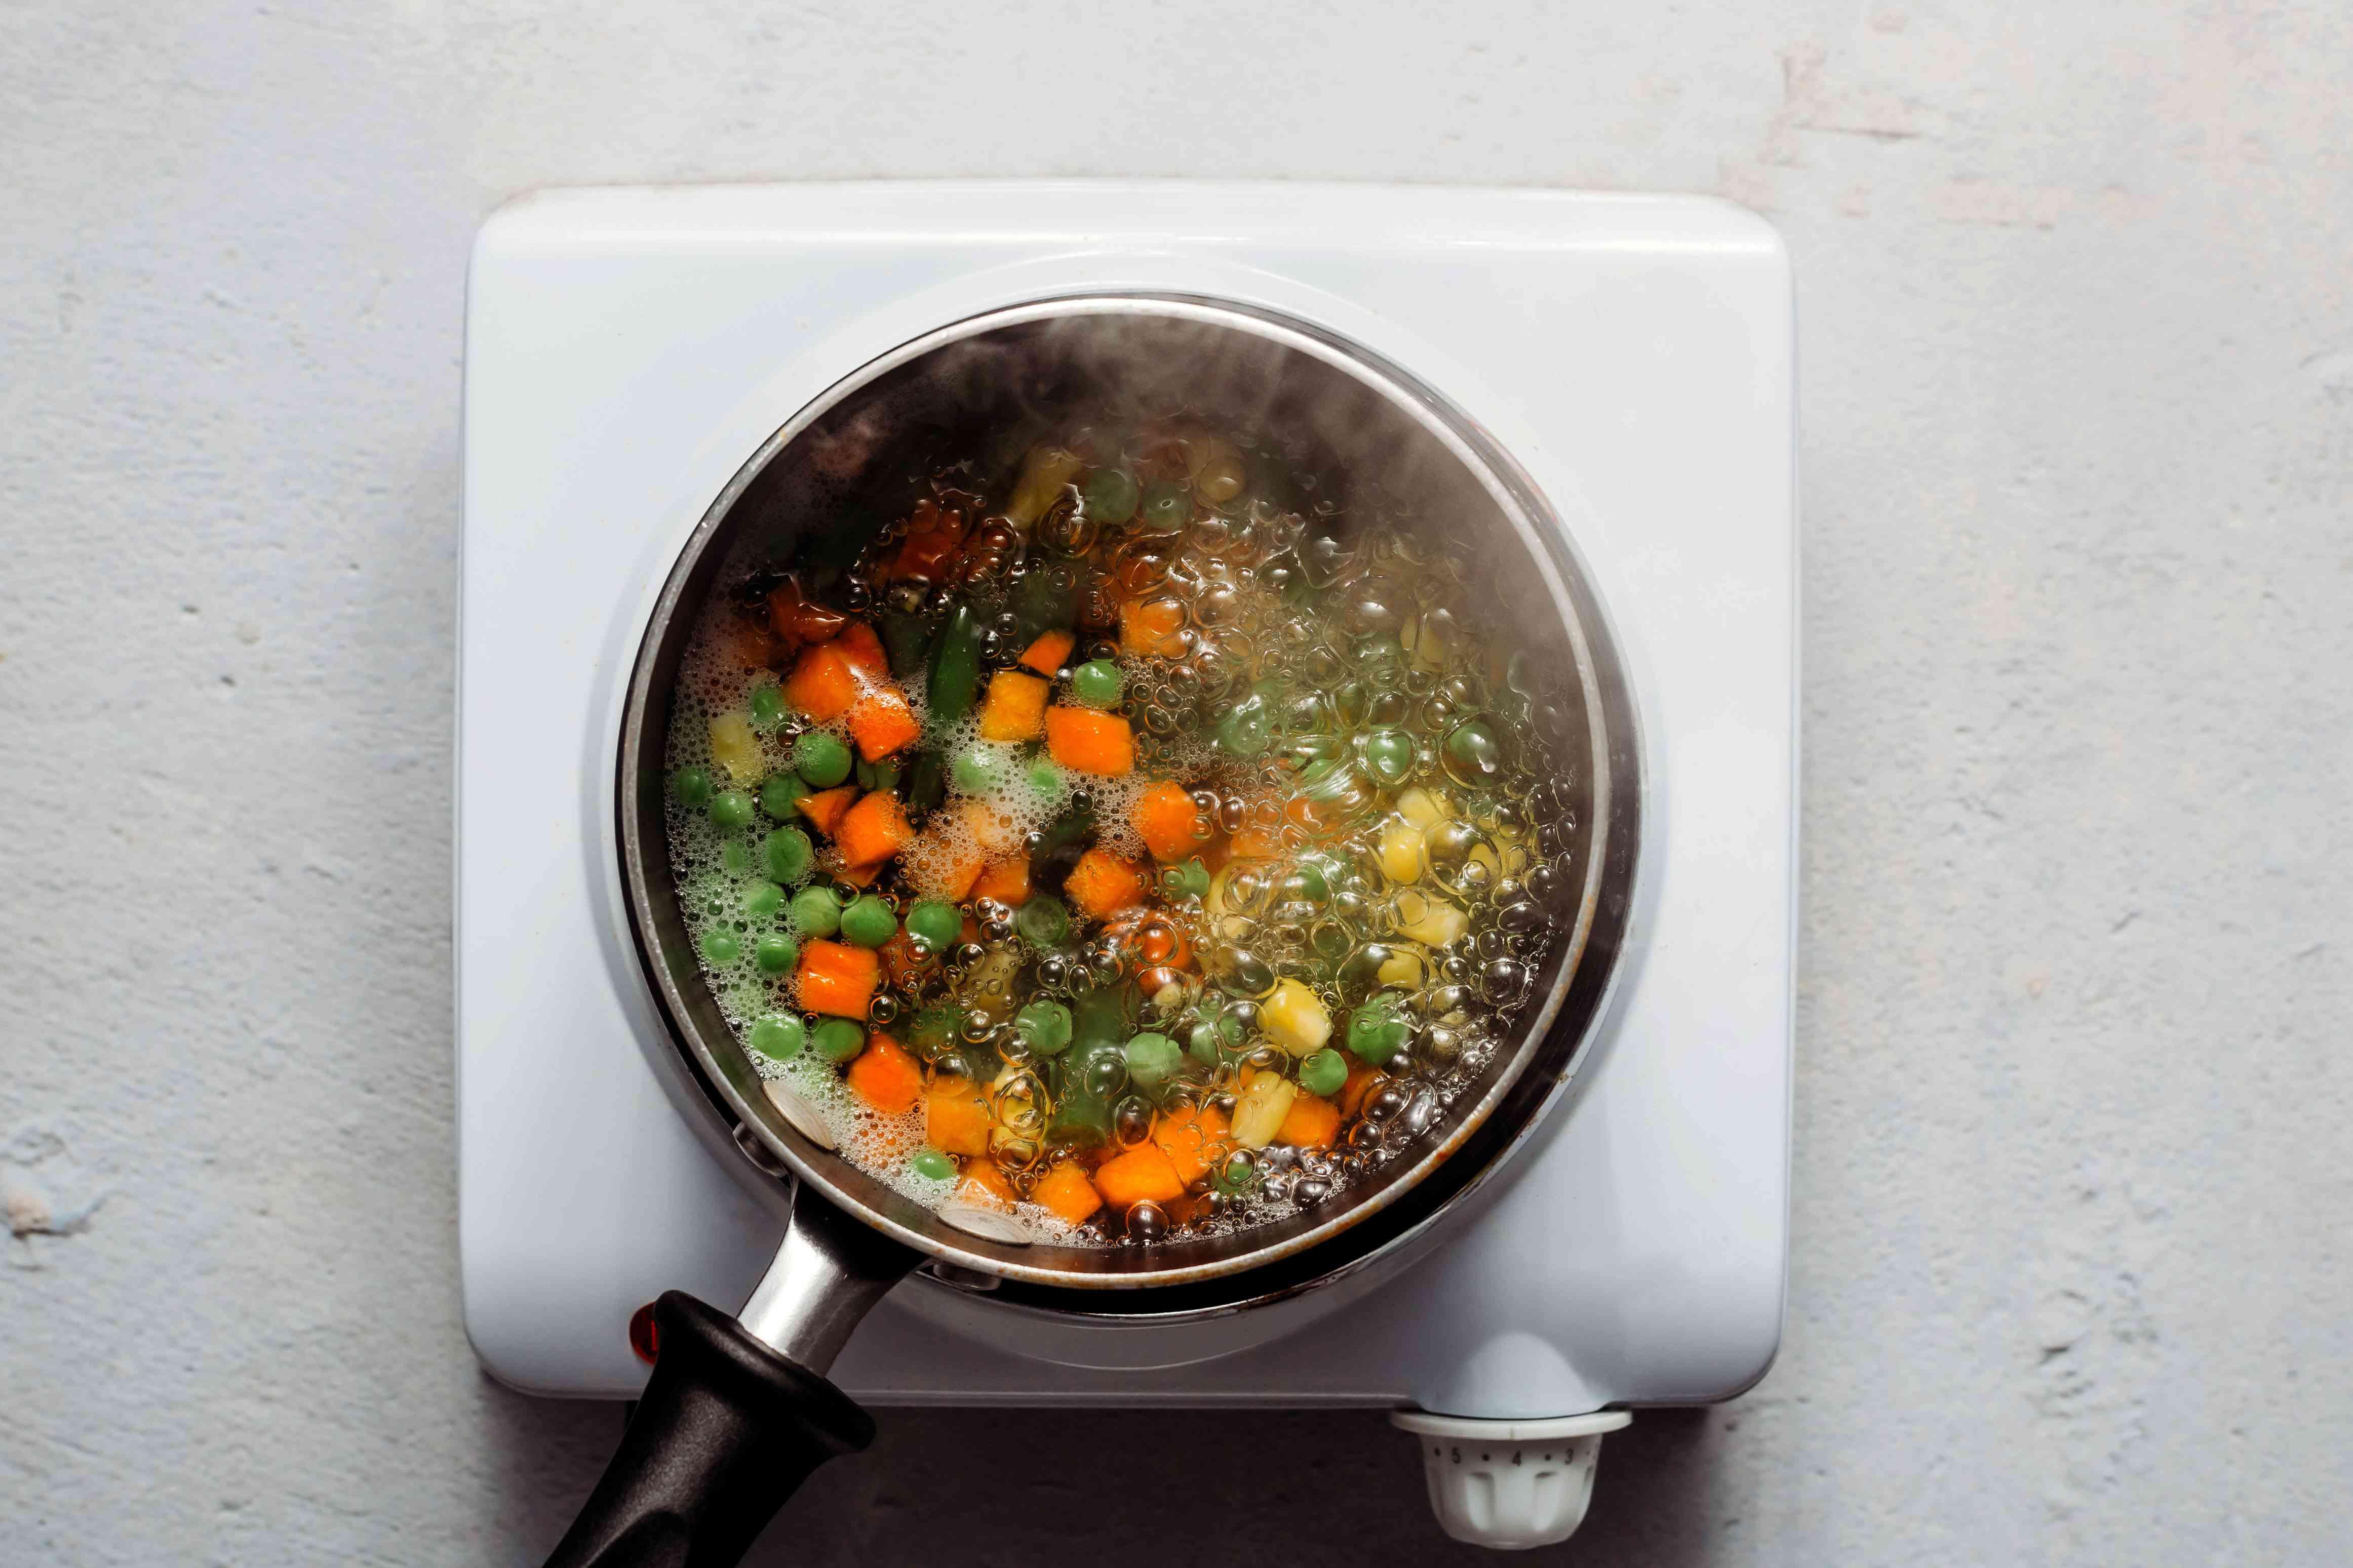 boil vegetables in a pot